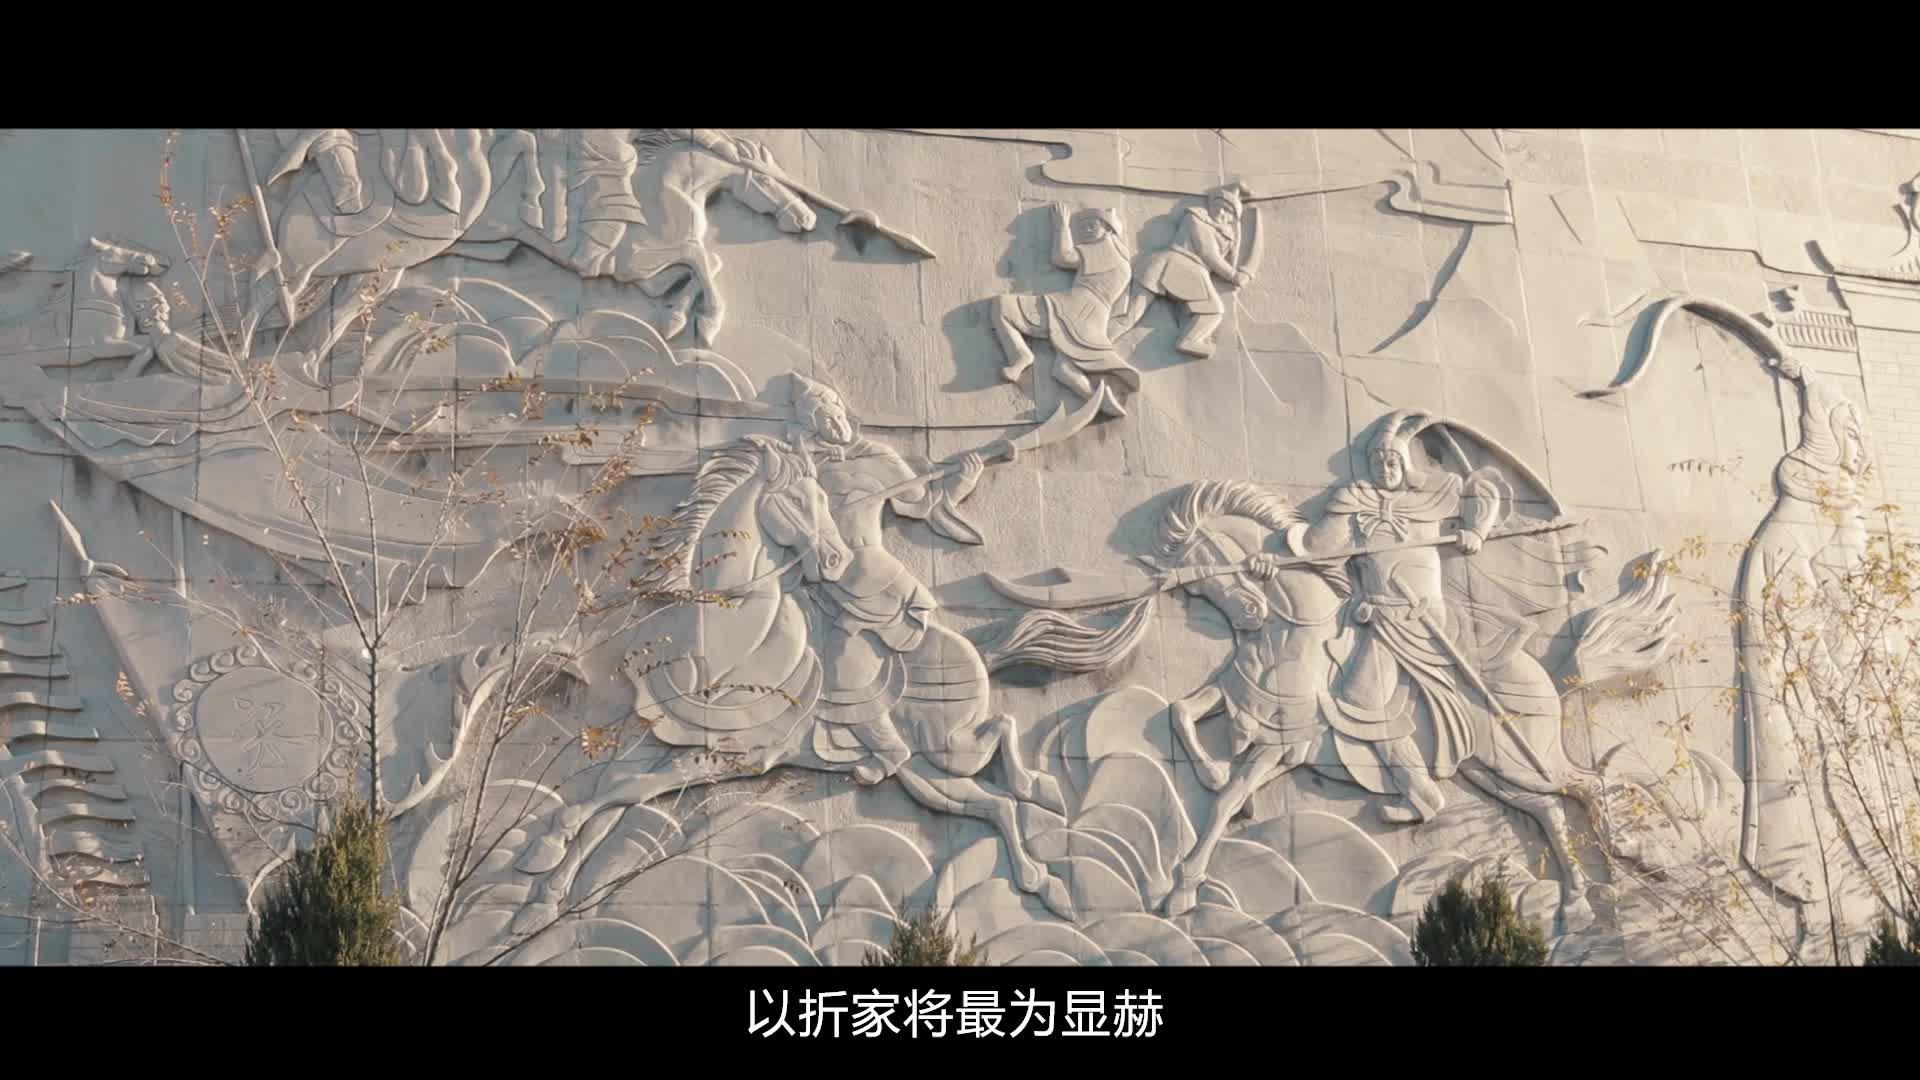 【廉政频道】折家将 忠廉爱国将门风